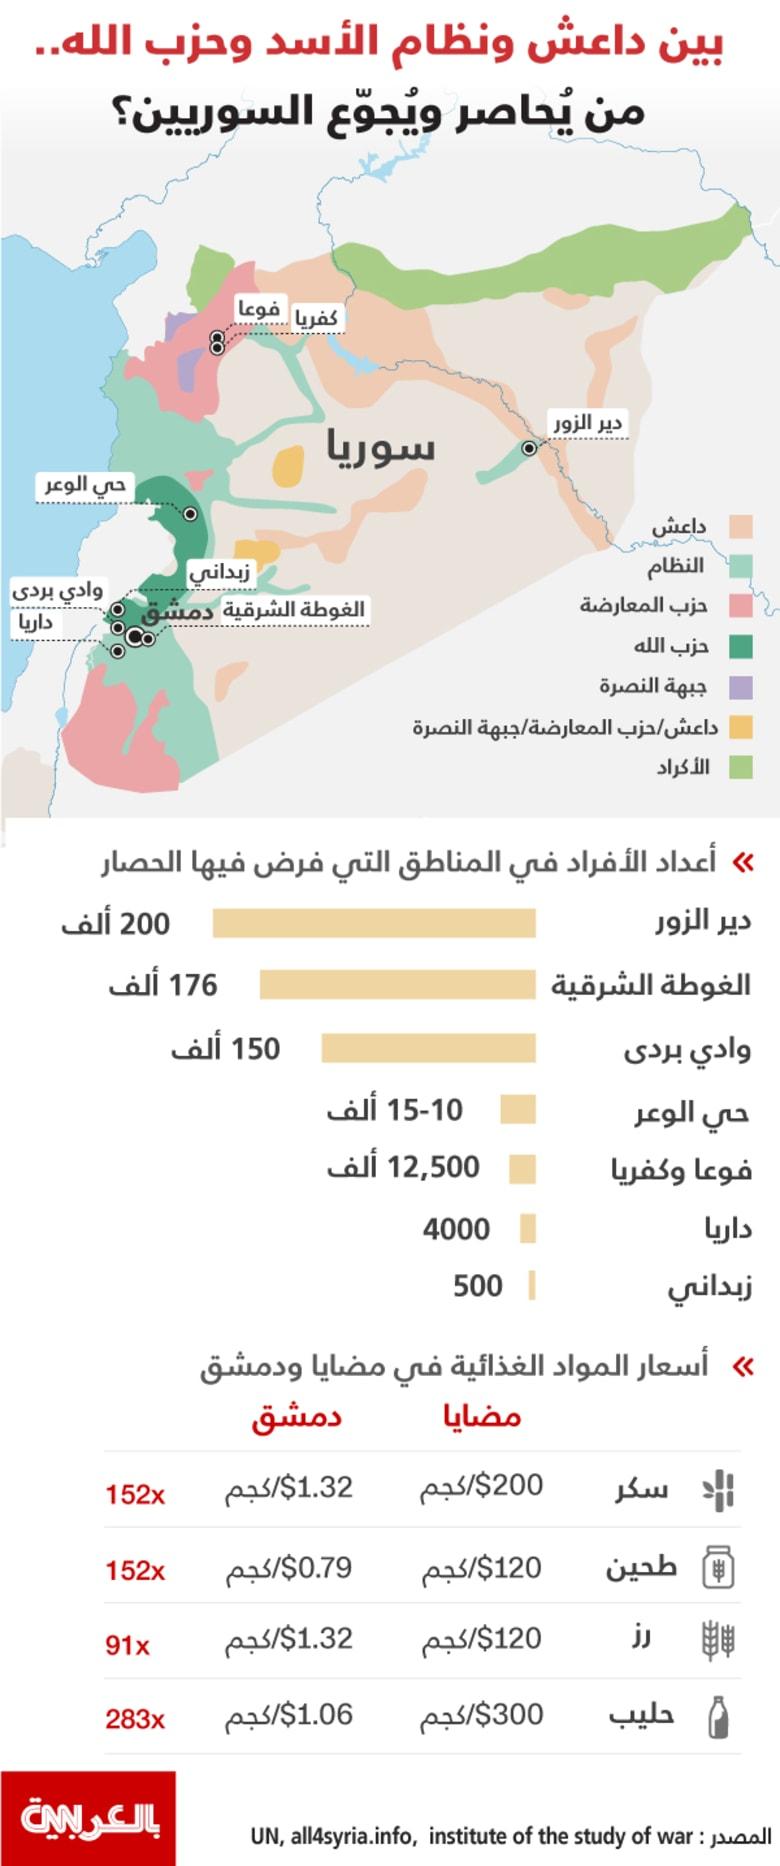 انفوجرافيك.. مناطق الحصار التي تفرضها أطراف الصراع بسوريا